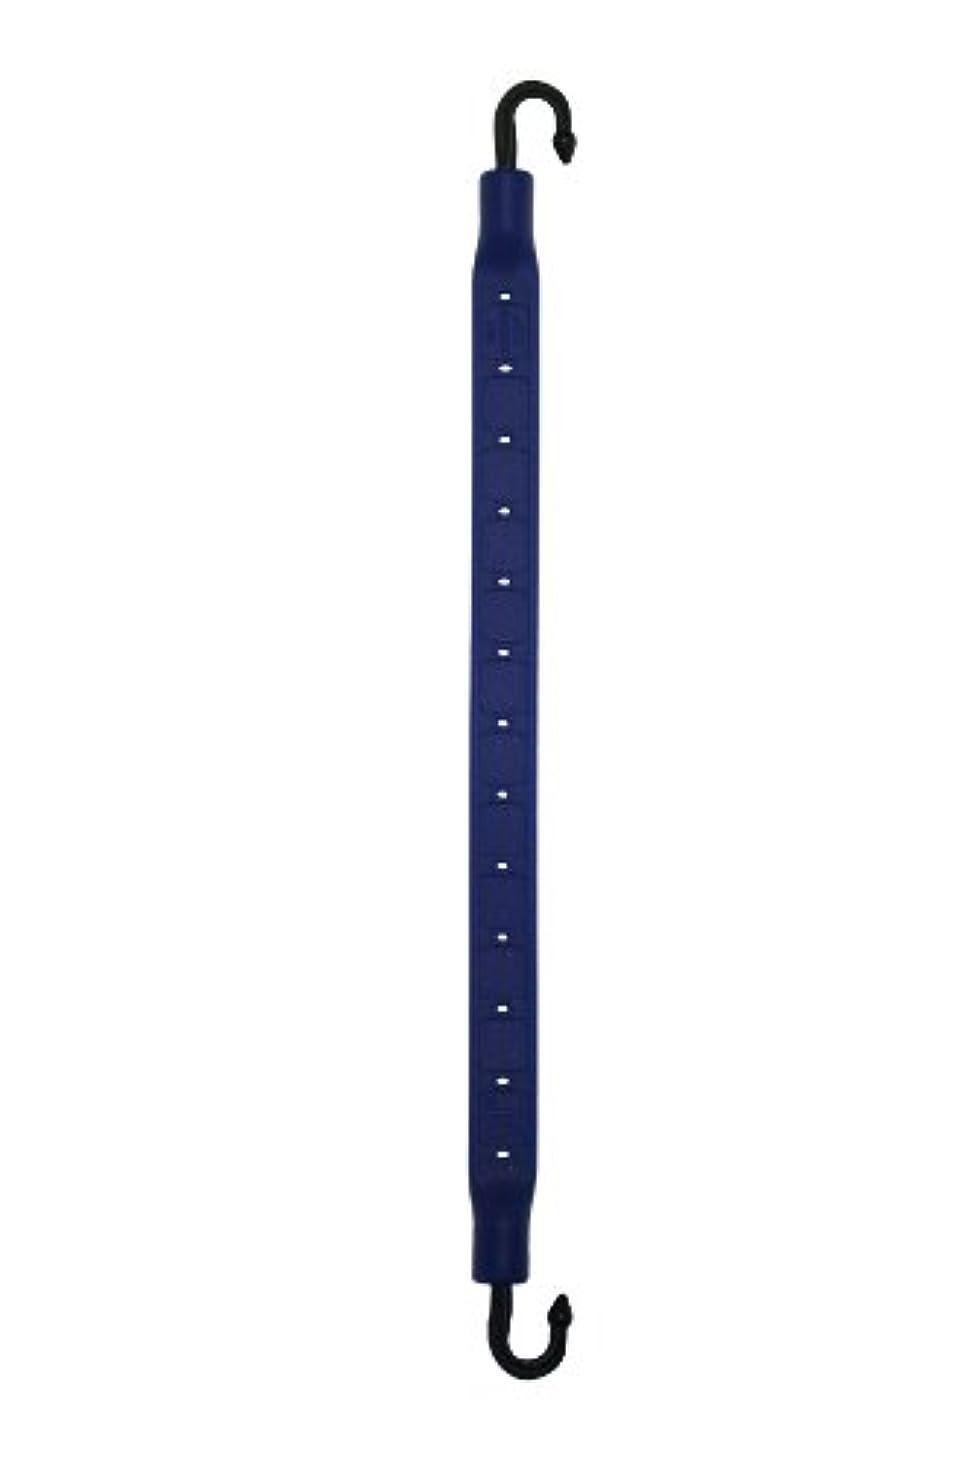 増強海嶺葡萄ストラップギア ストラップギア 10インチ ブルー 50107